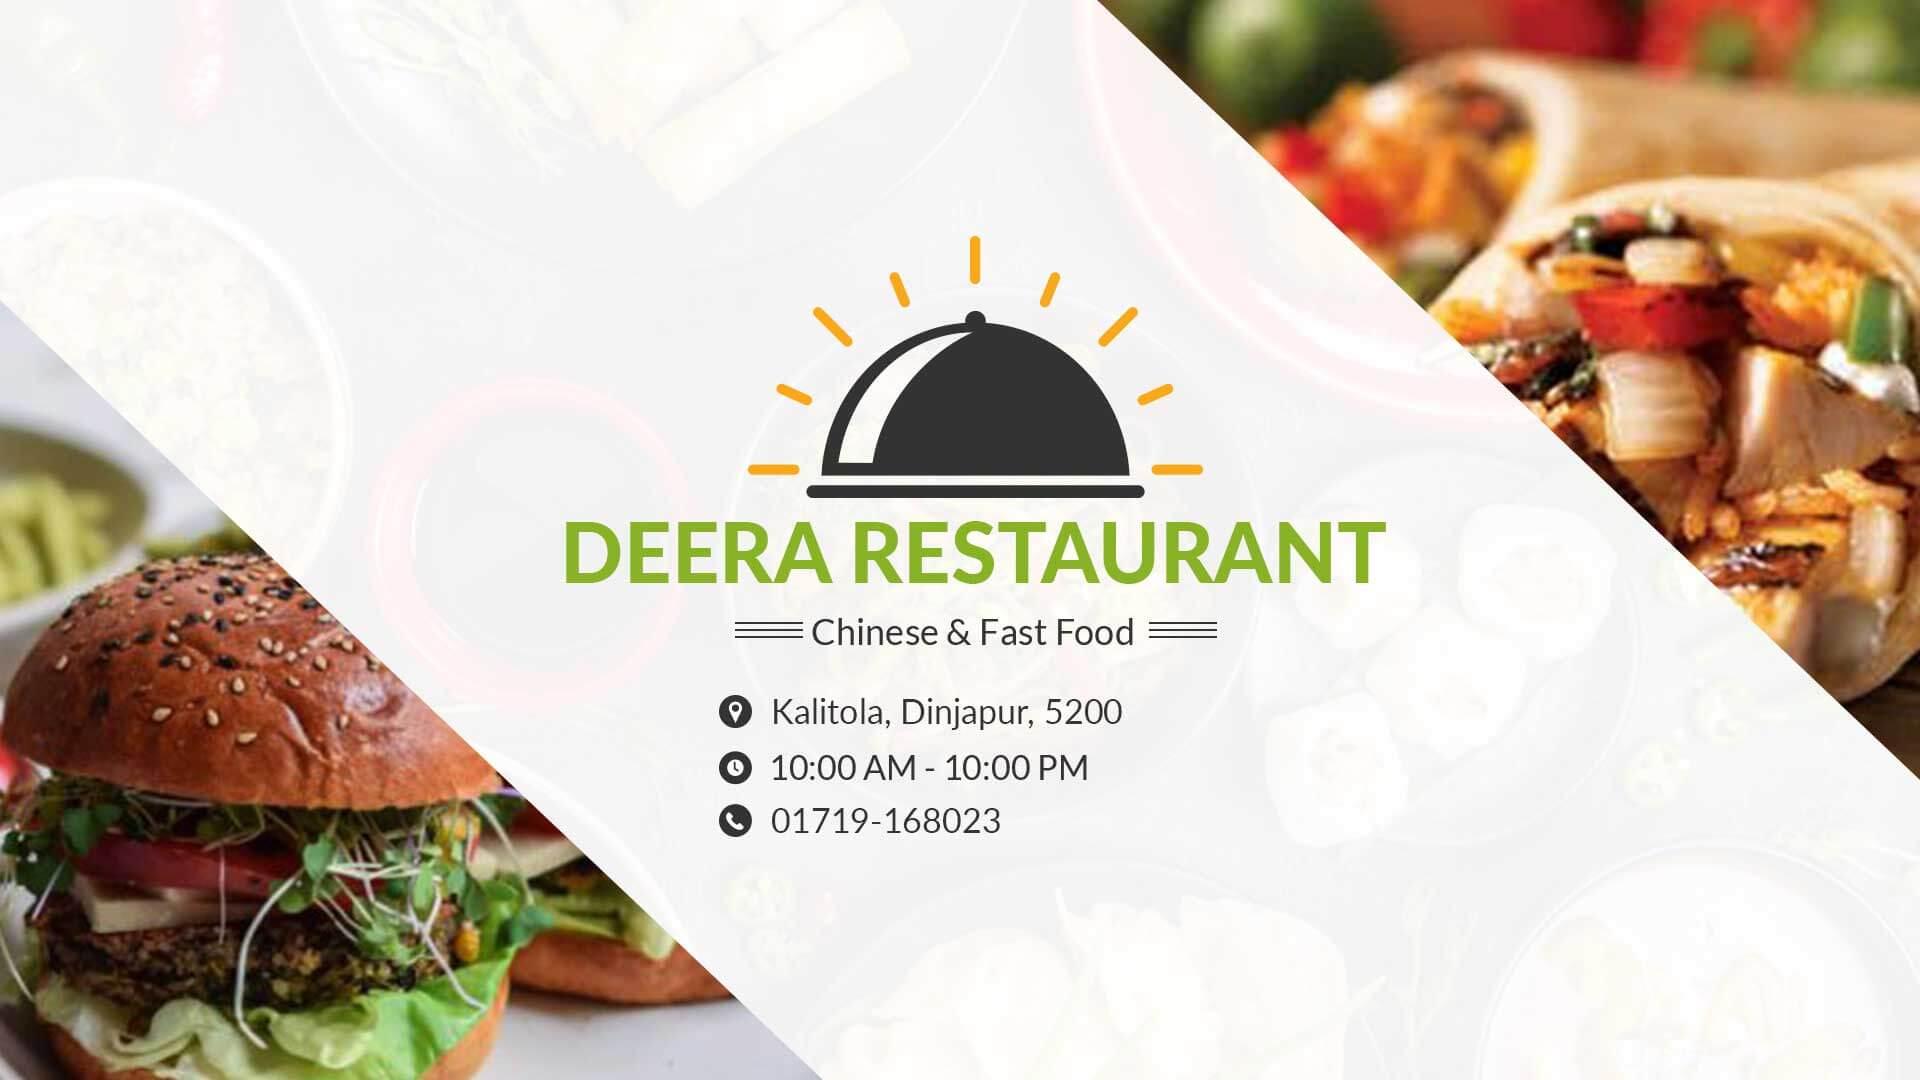 Deera Restaurant